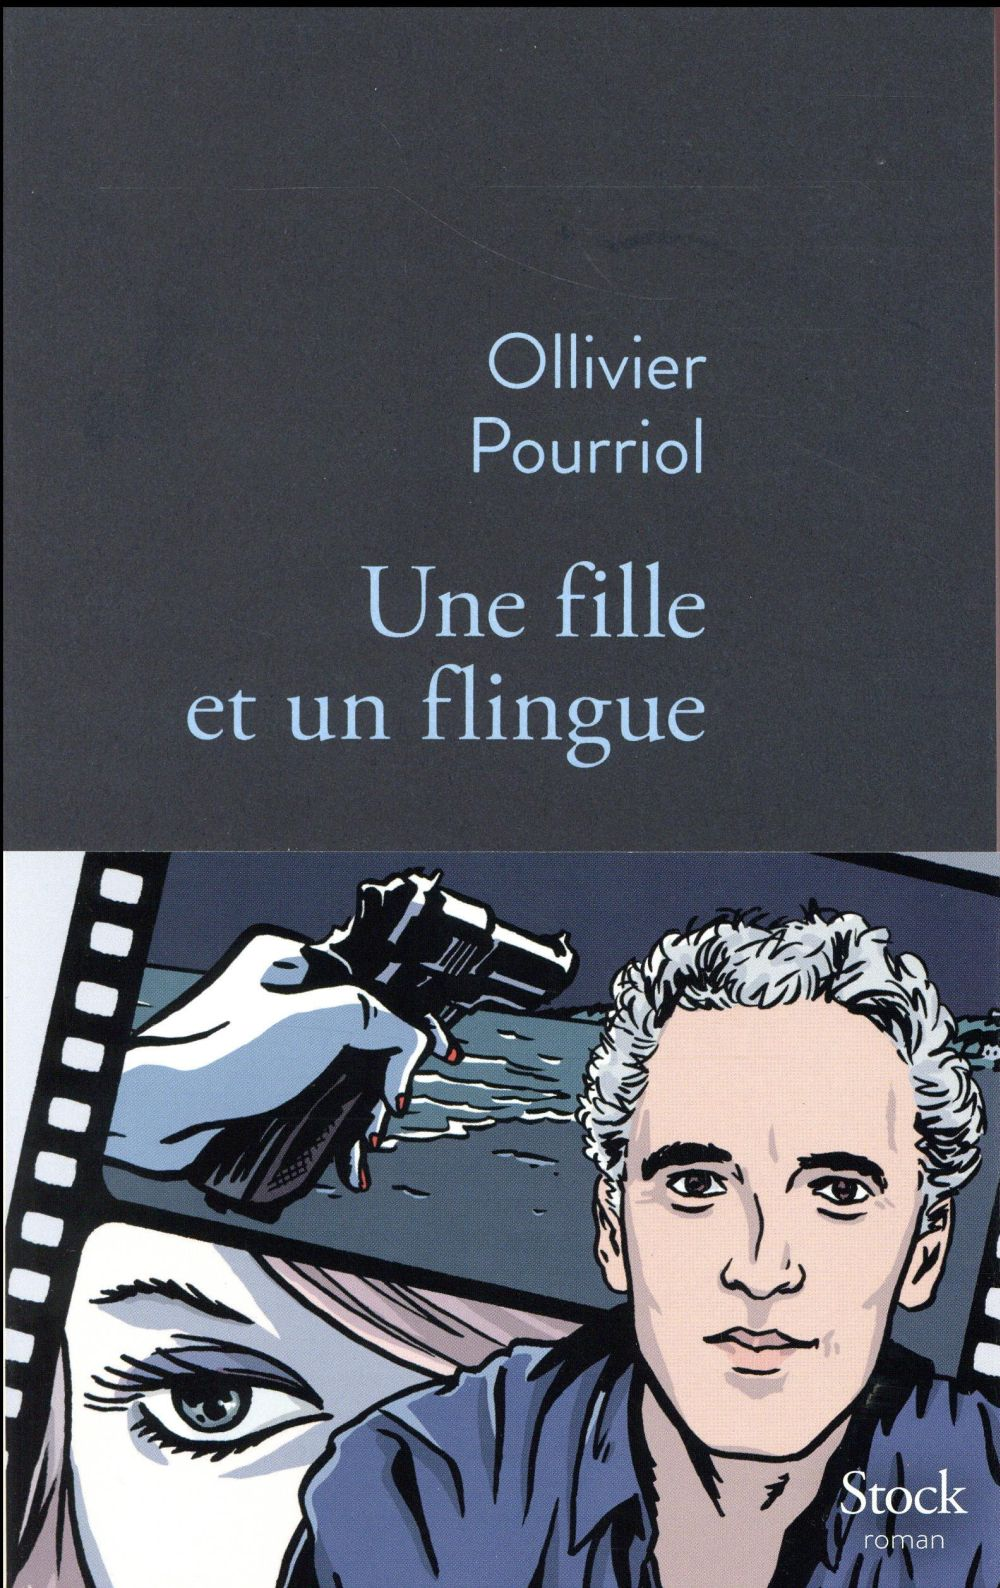 """La critique des lecteurs pour """"Une fille et un flingue"""" d'Ollivier Pourriol"""